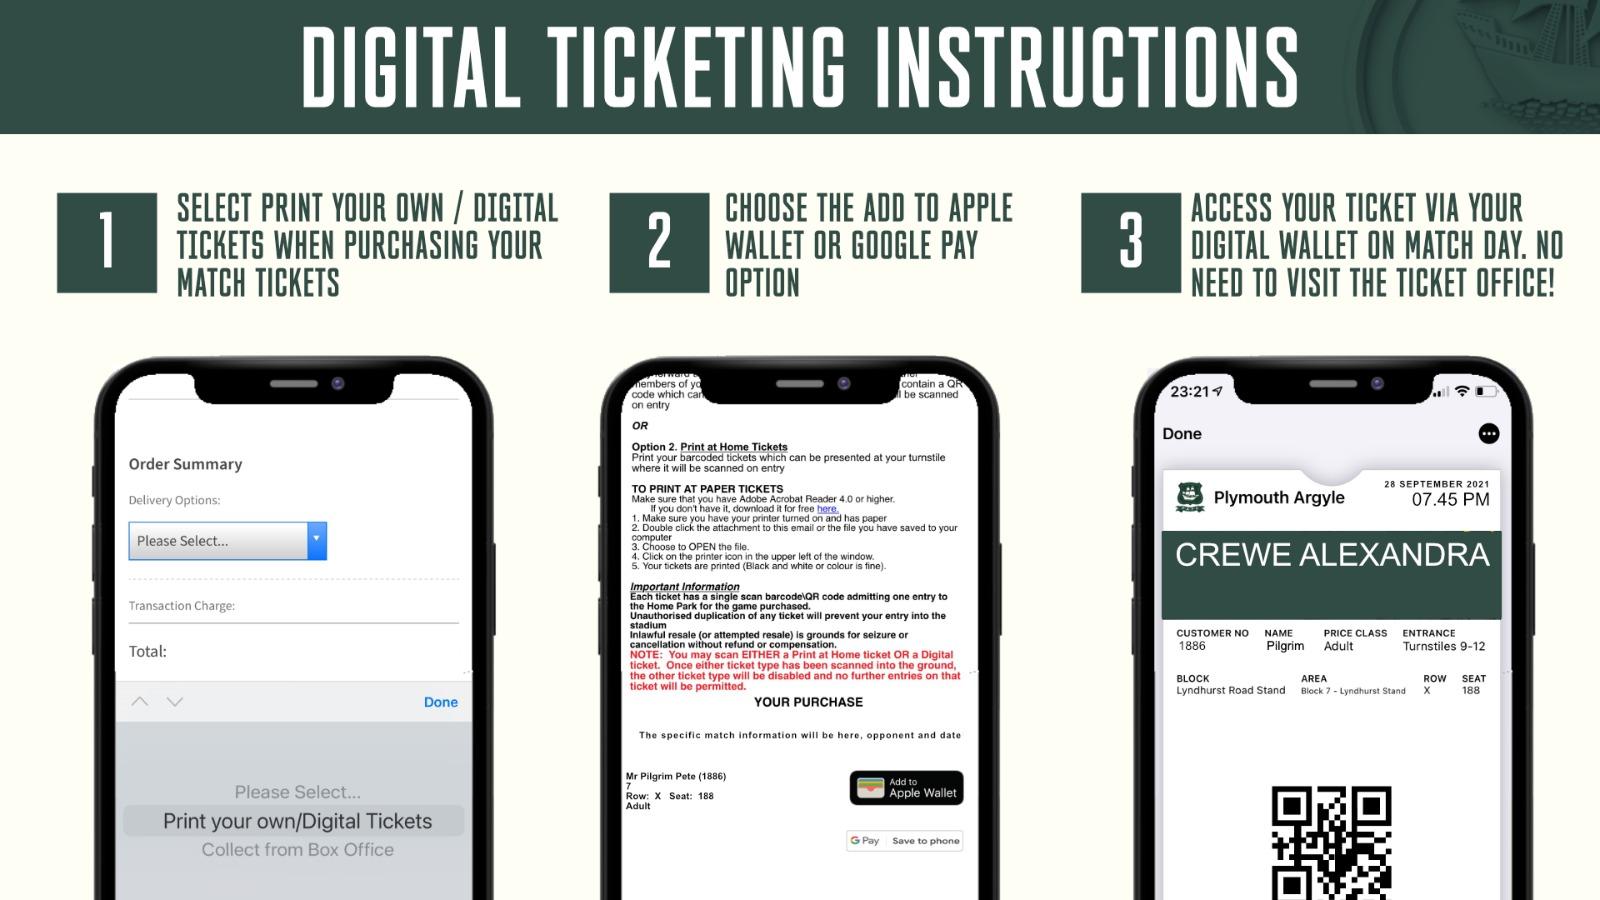 Digital Ticket Instructions